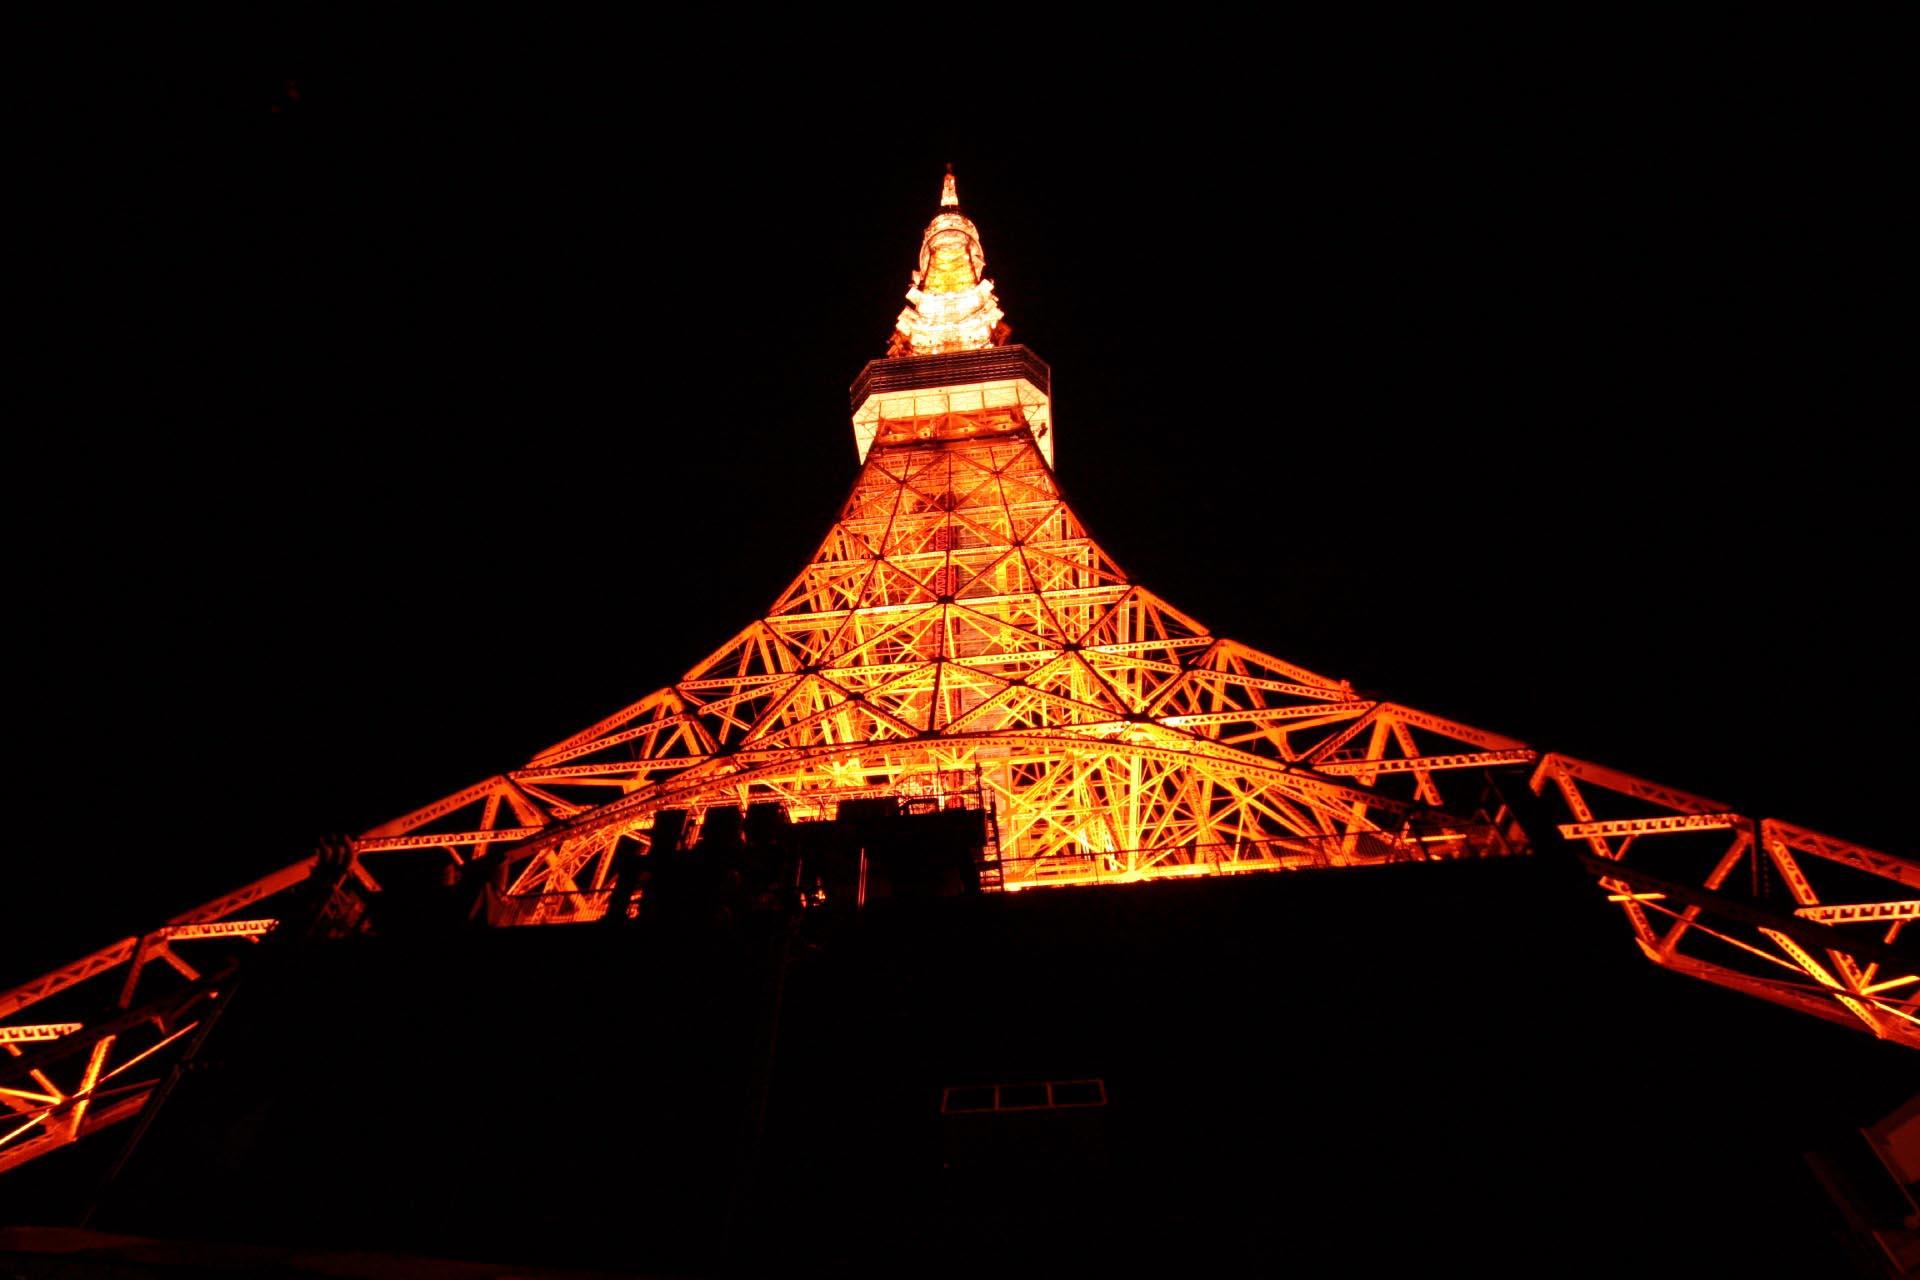 夜の東京タワー 東京の風景